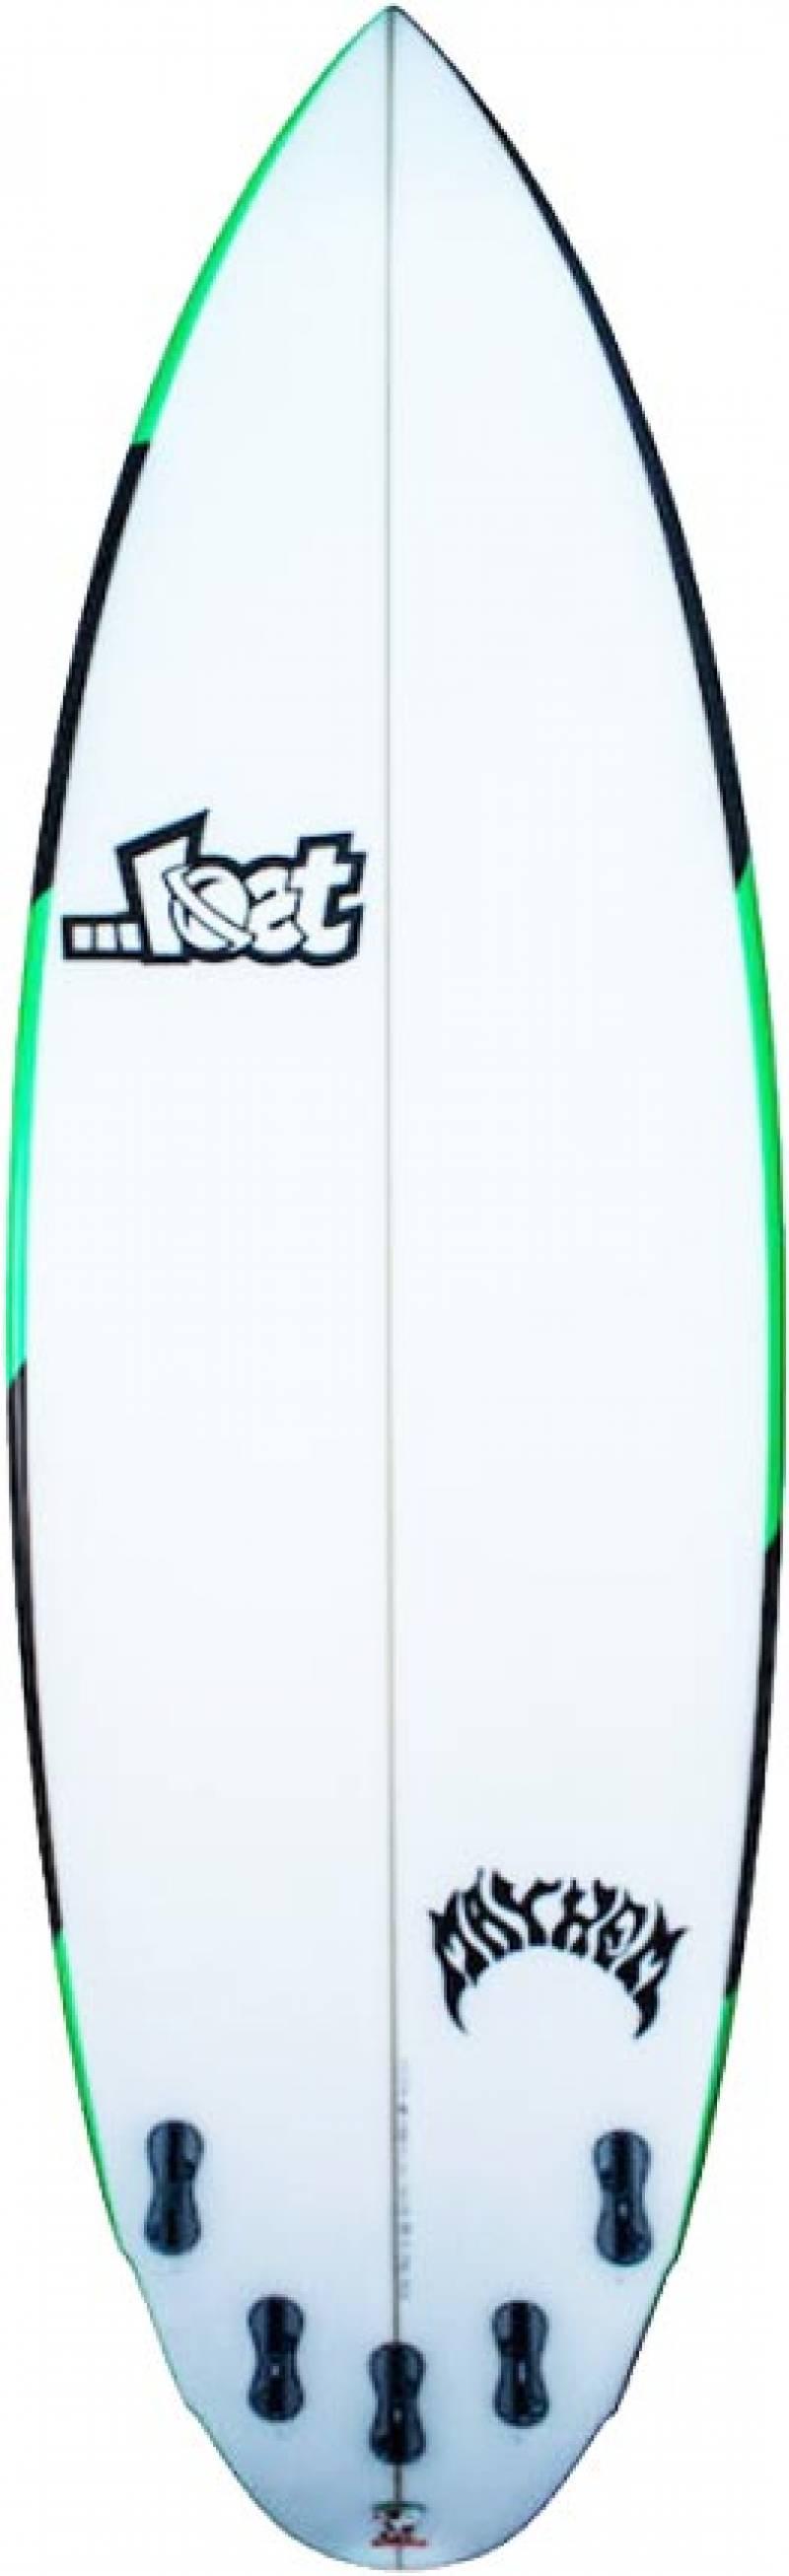 Lost Mayhem V3 Round It Surfboard